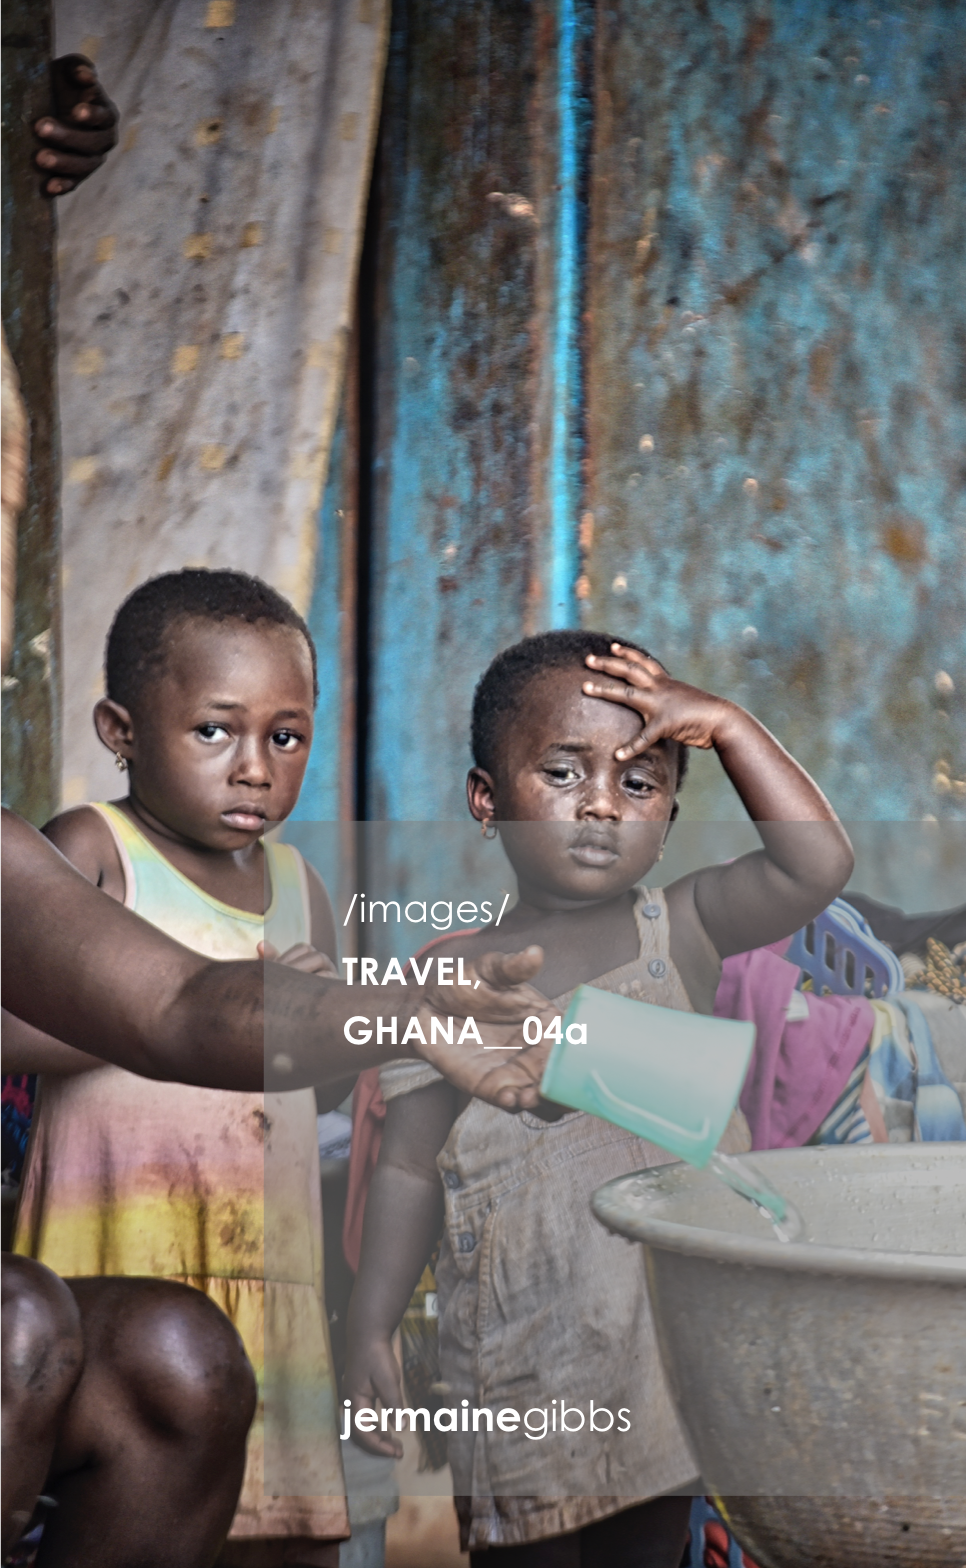 Travel_Ghana__04a